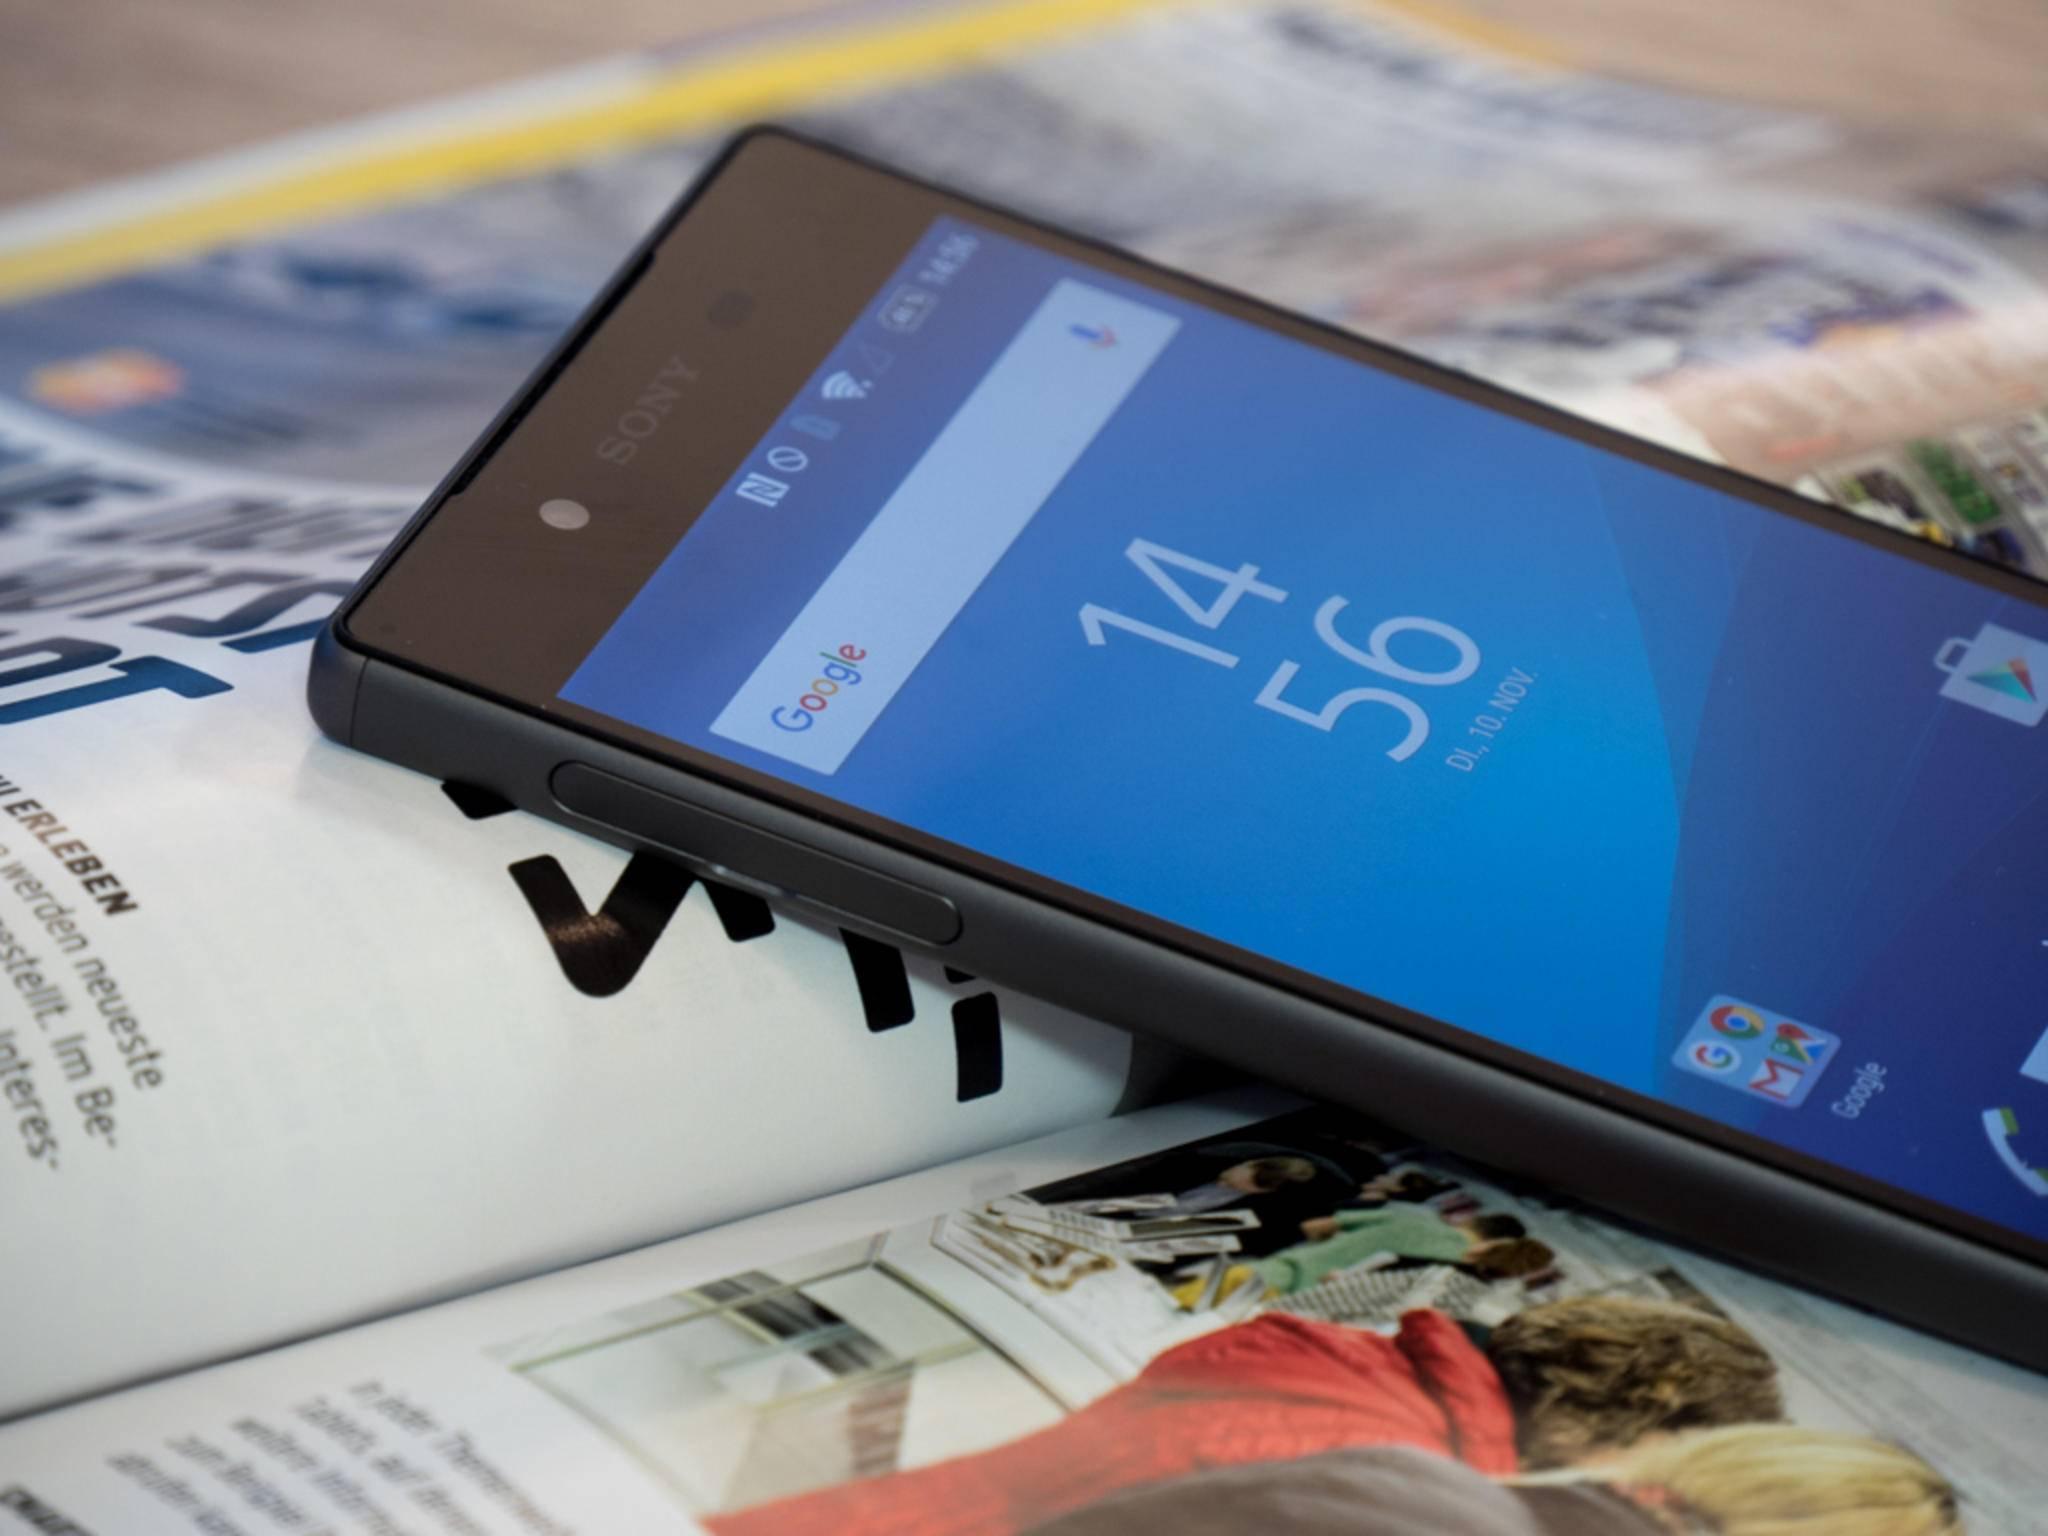 Xperia Z5: Kommt das Update auf Android 7 demnächst?